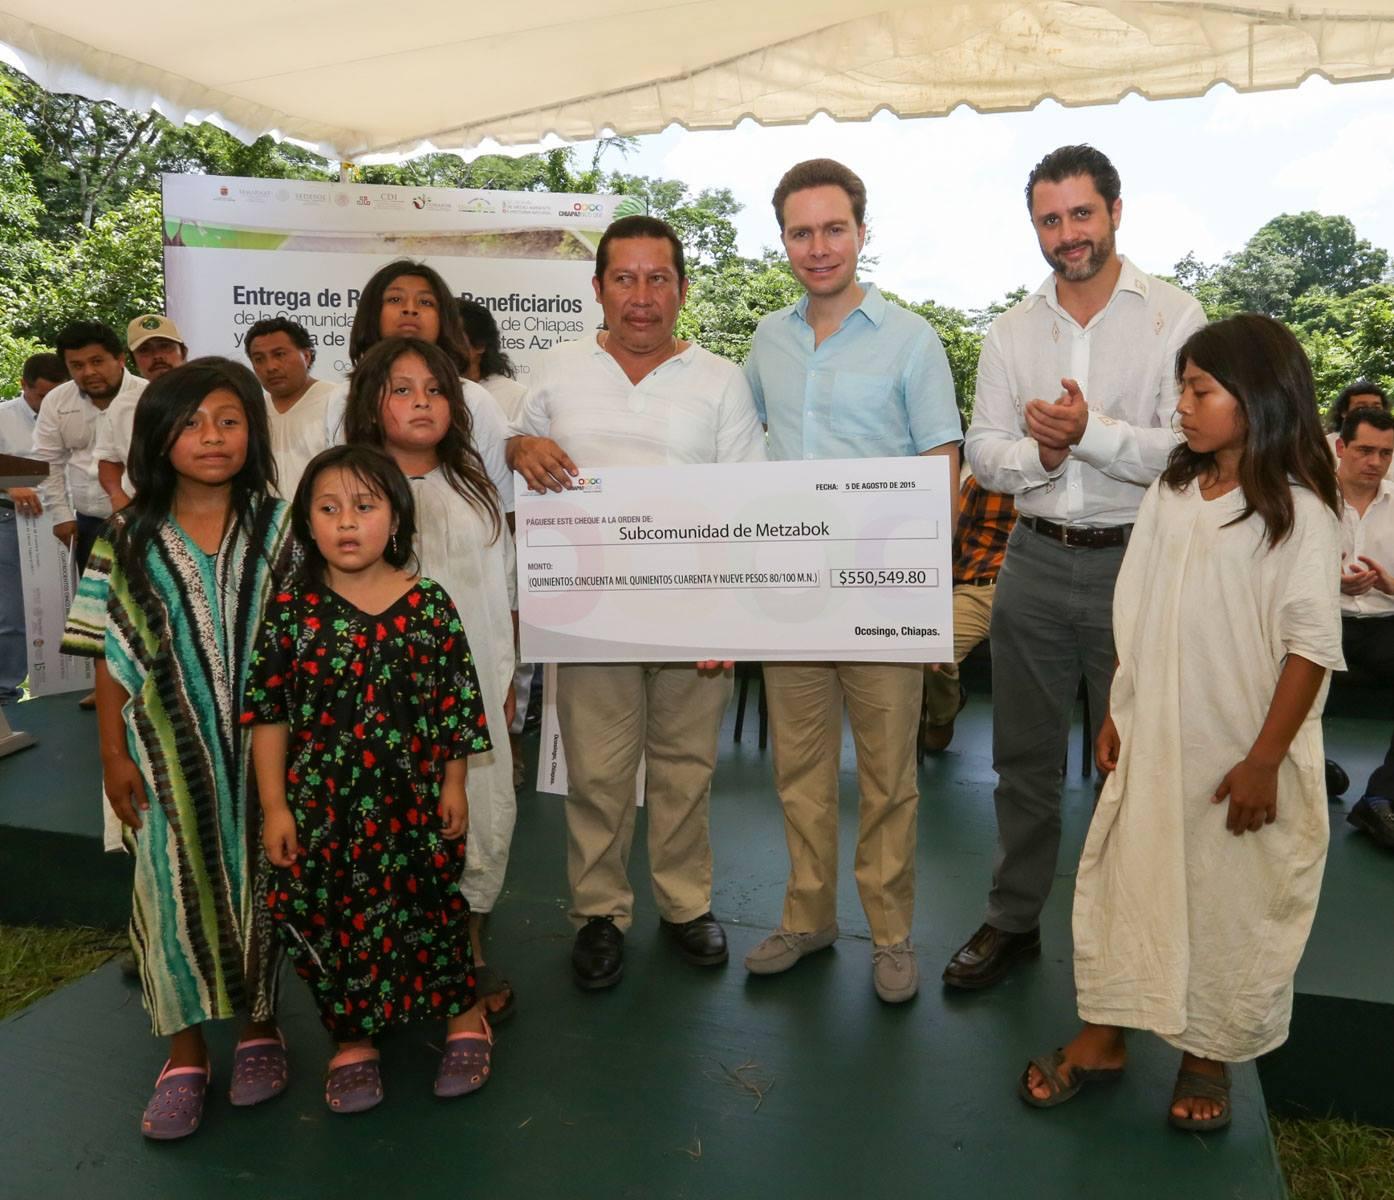 La CONANP y el Gobierno de Chiapas entregaron  ma s de seis millones de pesos comunidades de la Selva Lacandona. Foto Icoso.jpg